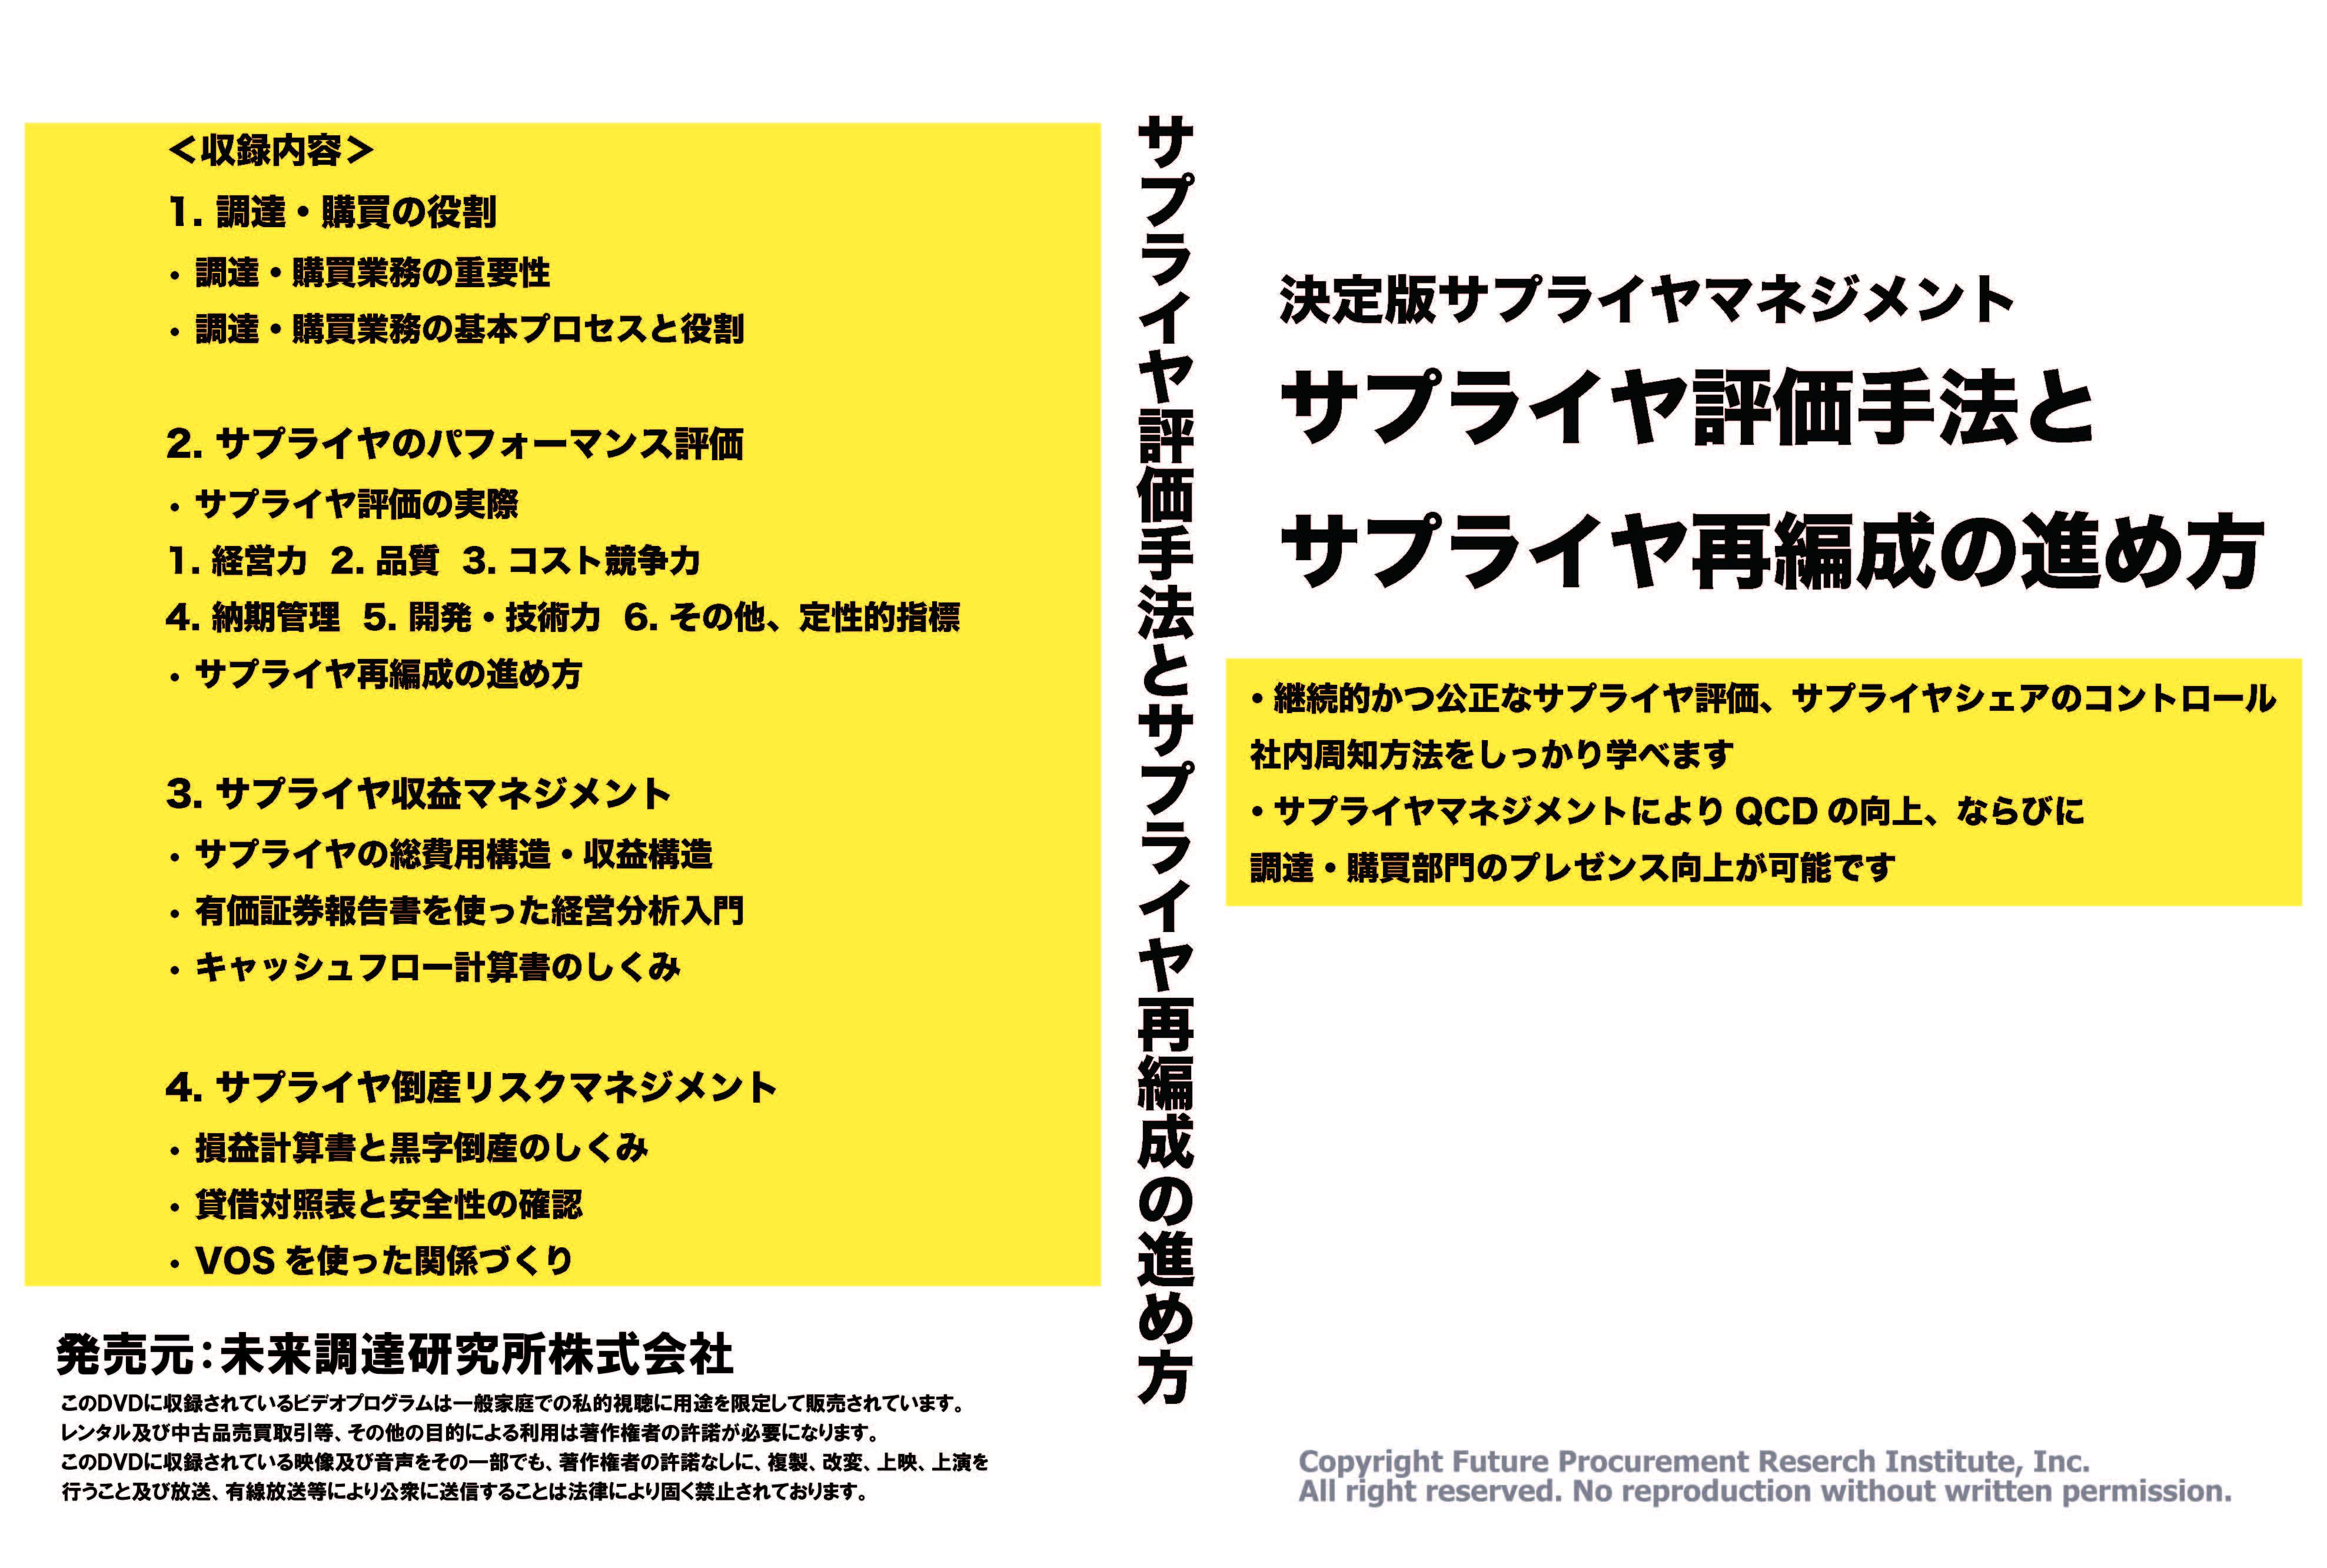 「サプライヤ評価手法とサプライヤ再編成の進め方」キット(DVD5枚組+テキスト+ツールの生ファイル+特別冊子①+特別冊子②)